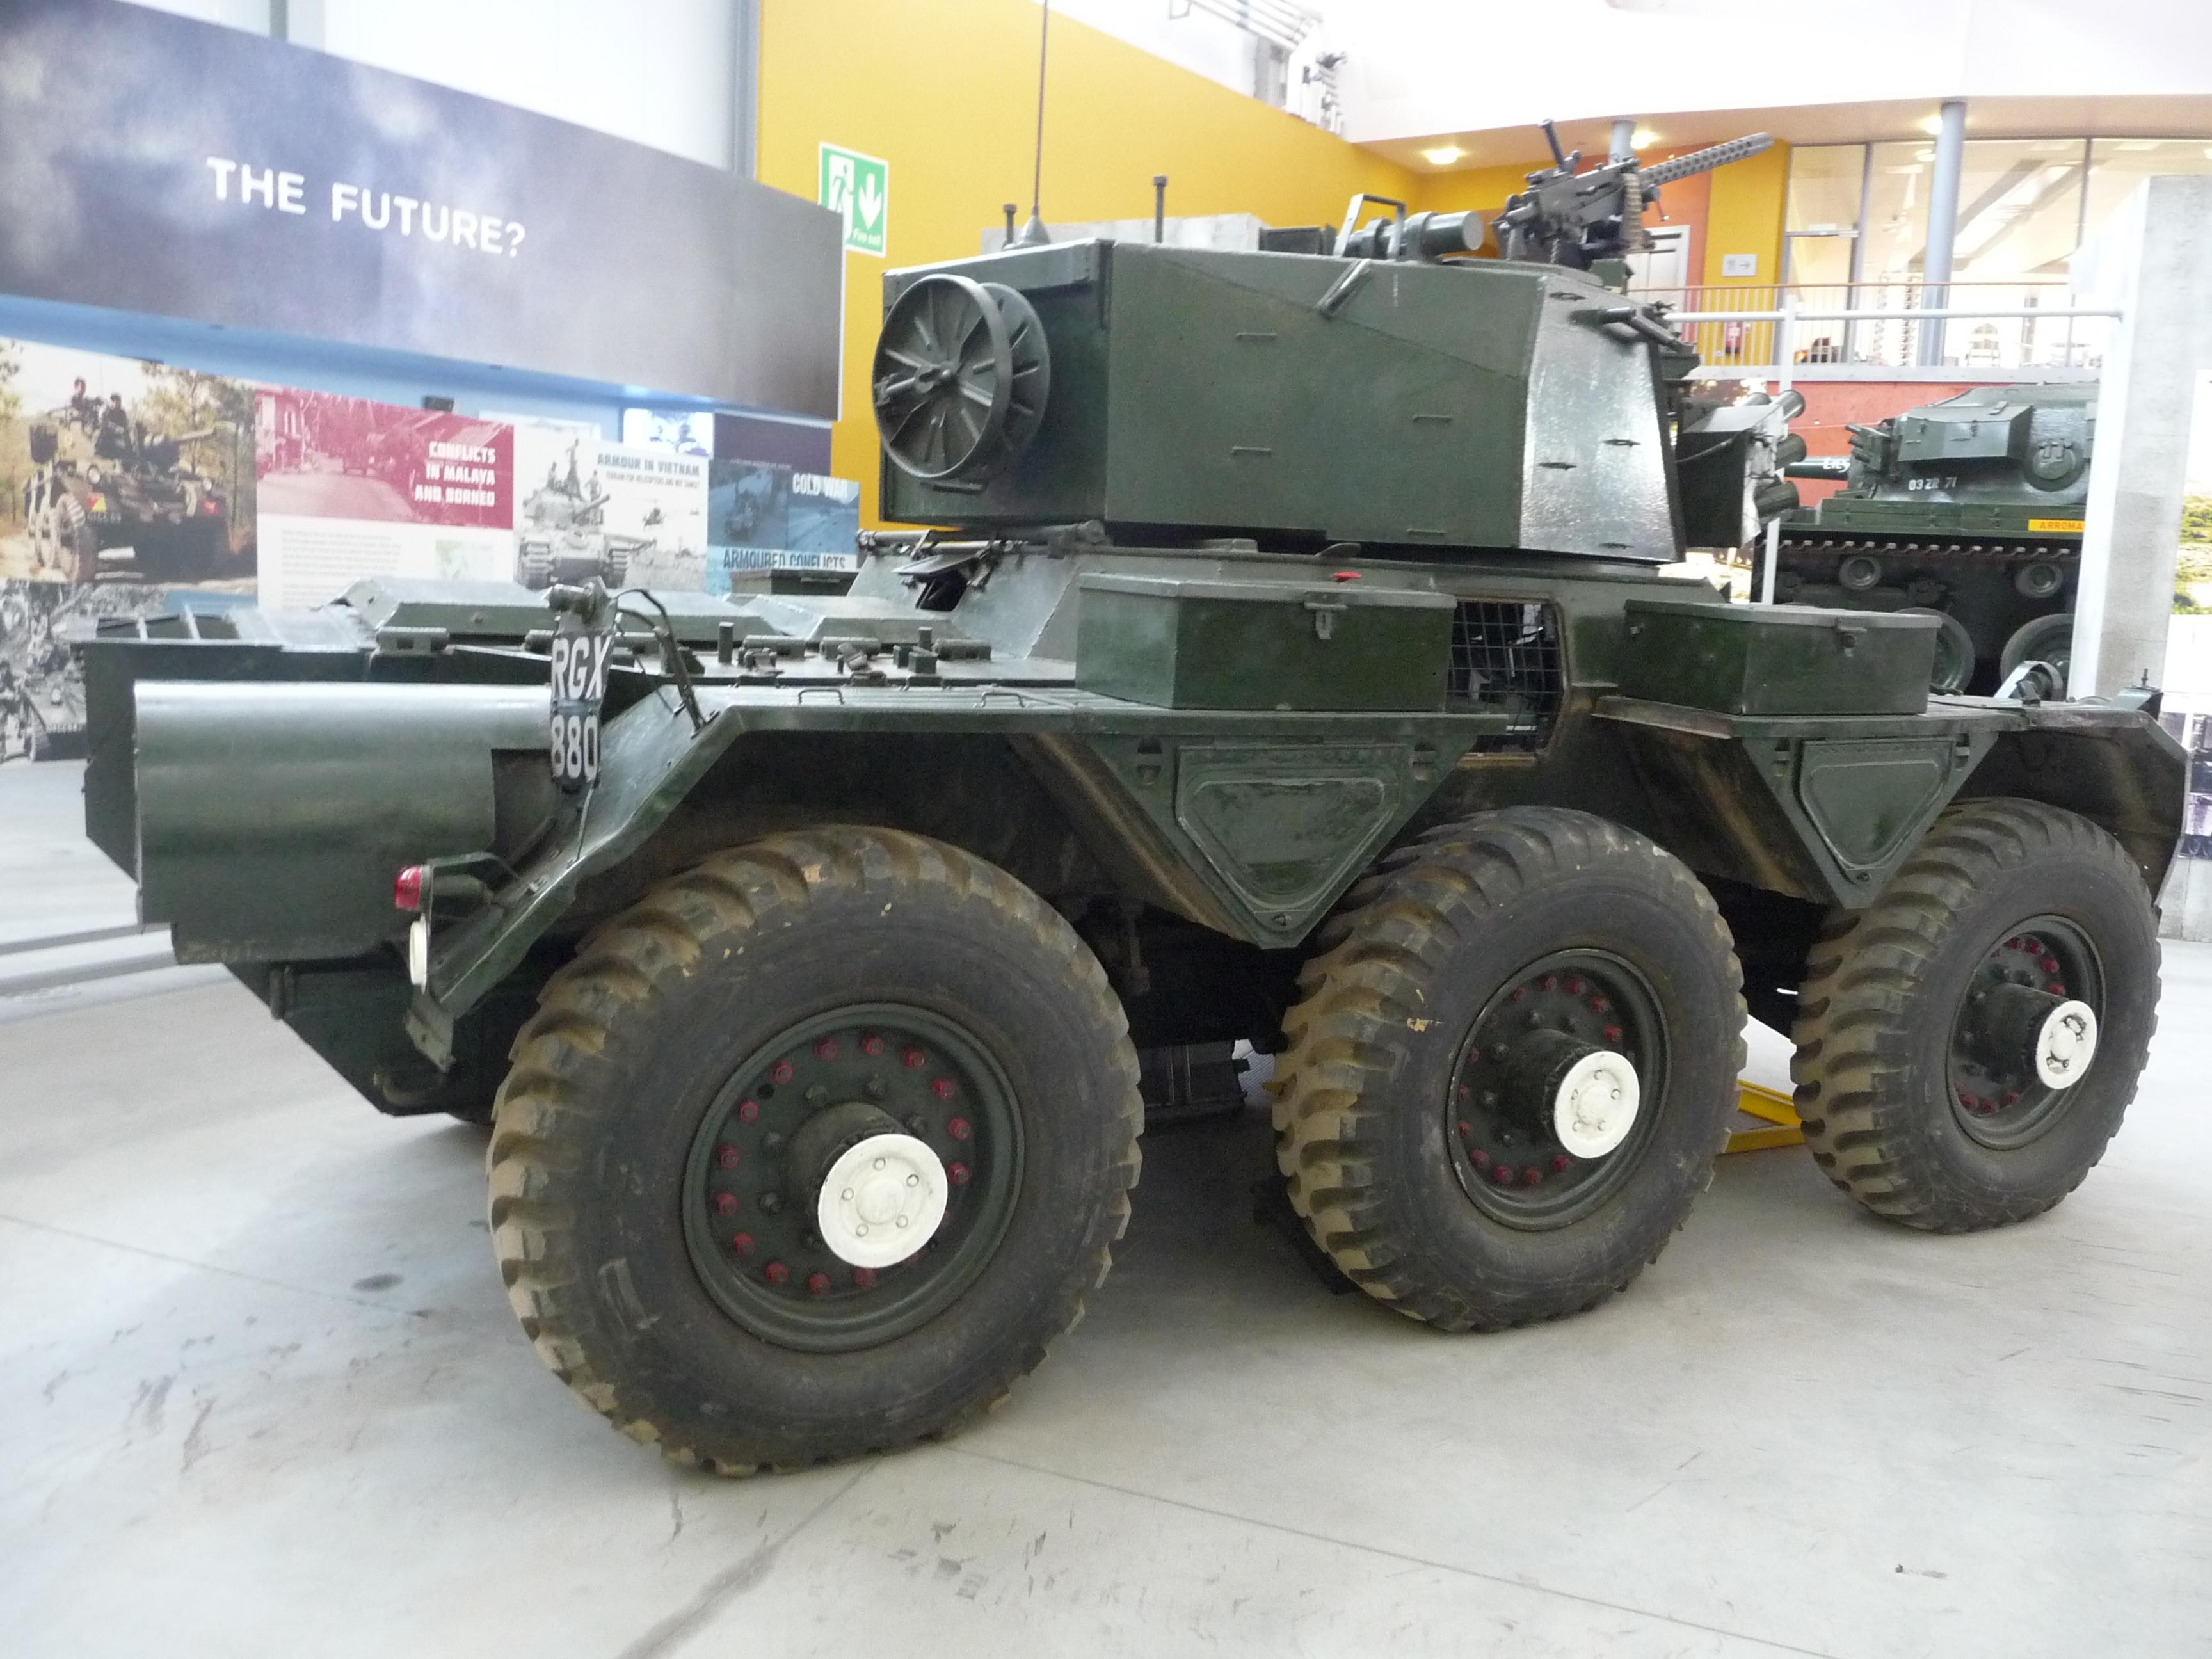 6x6 armored car concept - photo #13